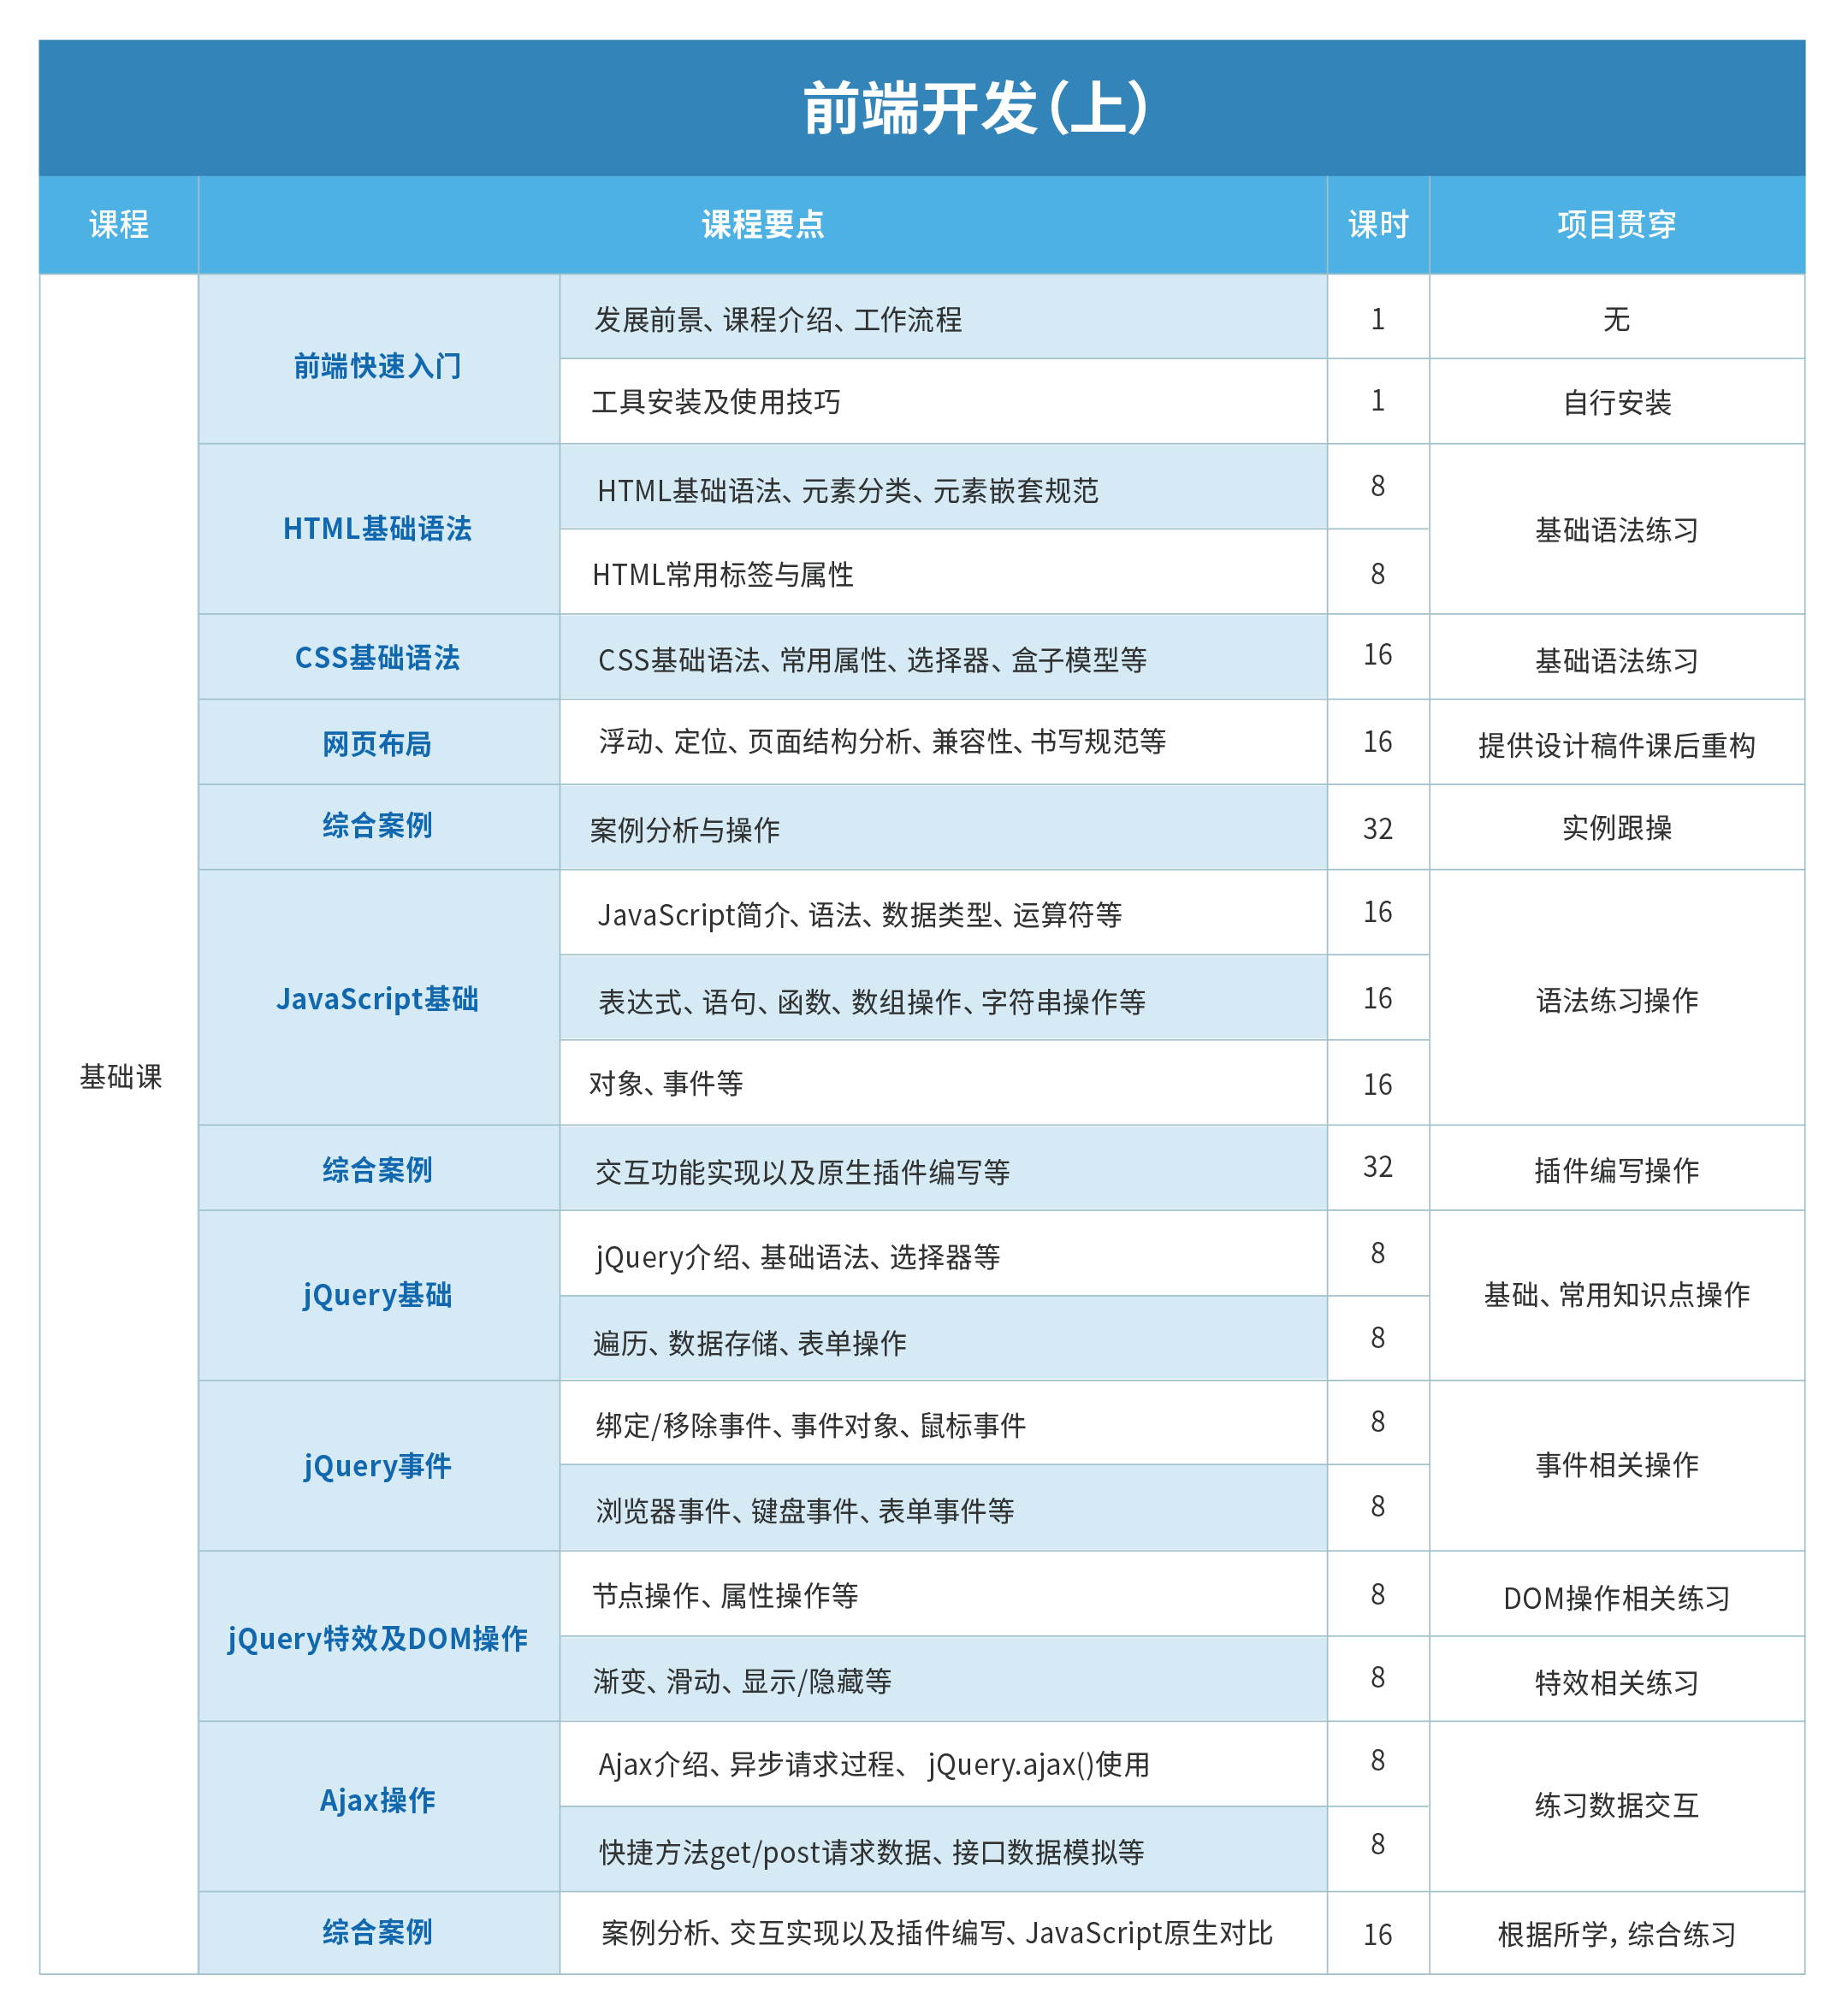 07 前端开发(上-下)1.7 (1).png